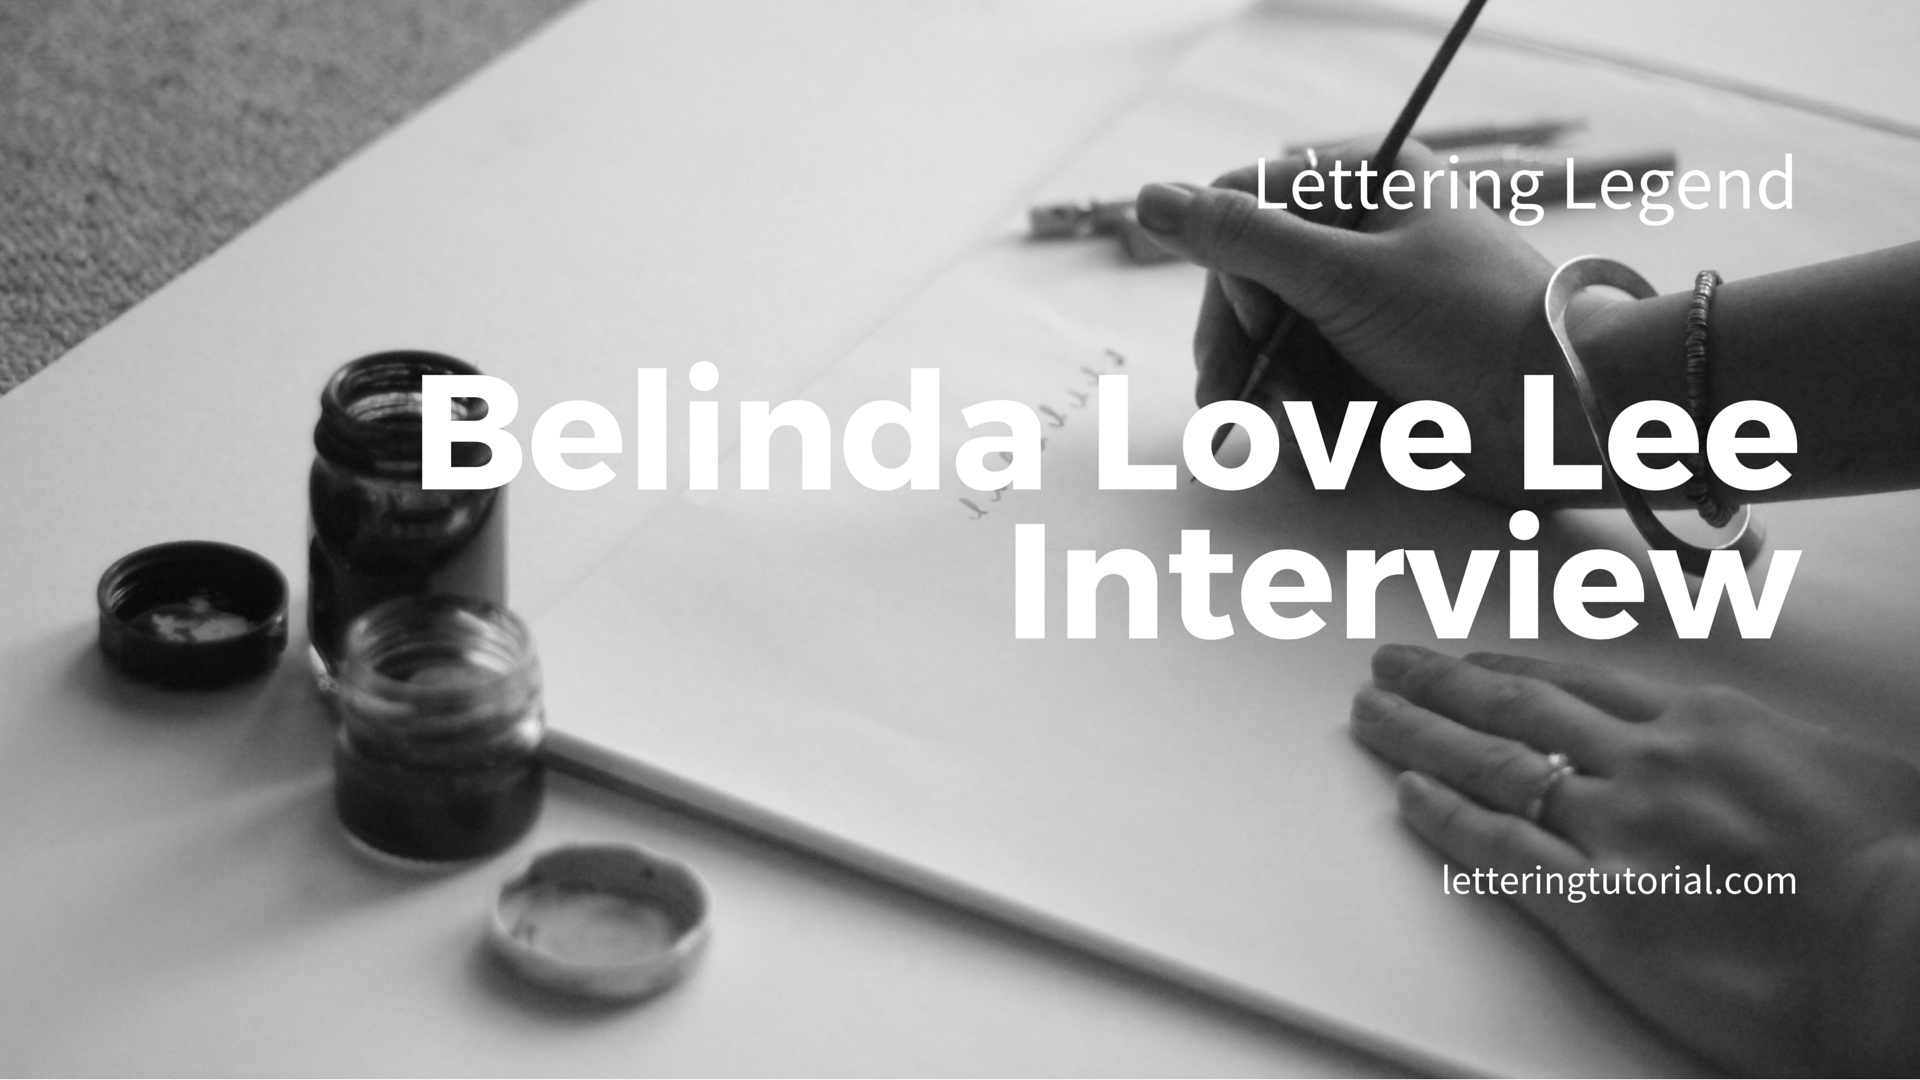 Belinda Love Lee Interview - Lettering Tutorial